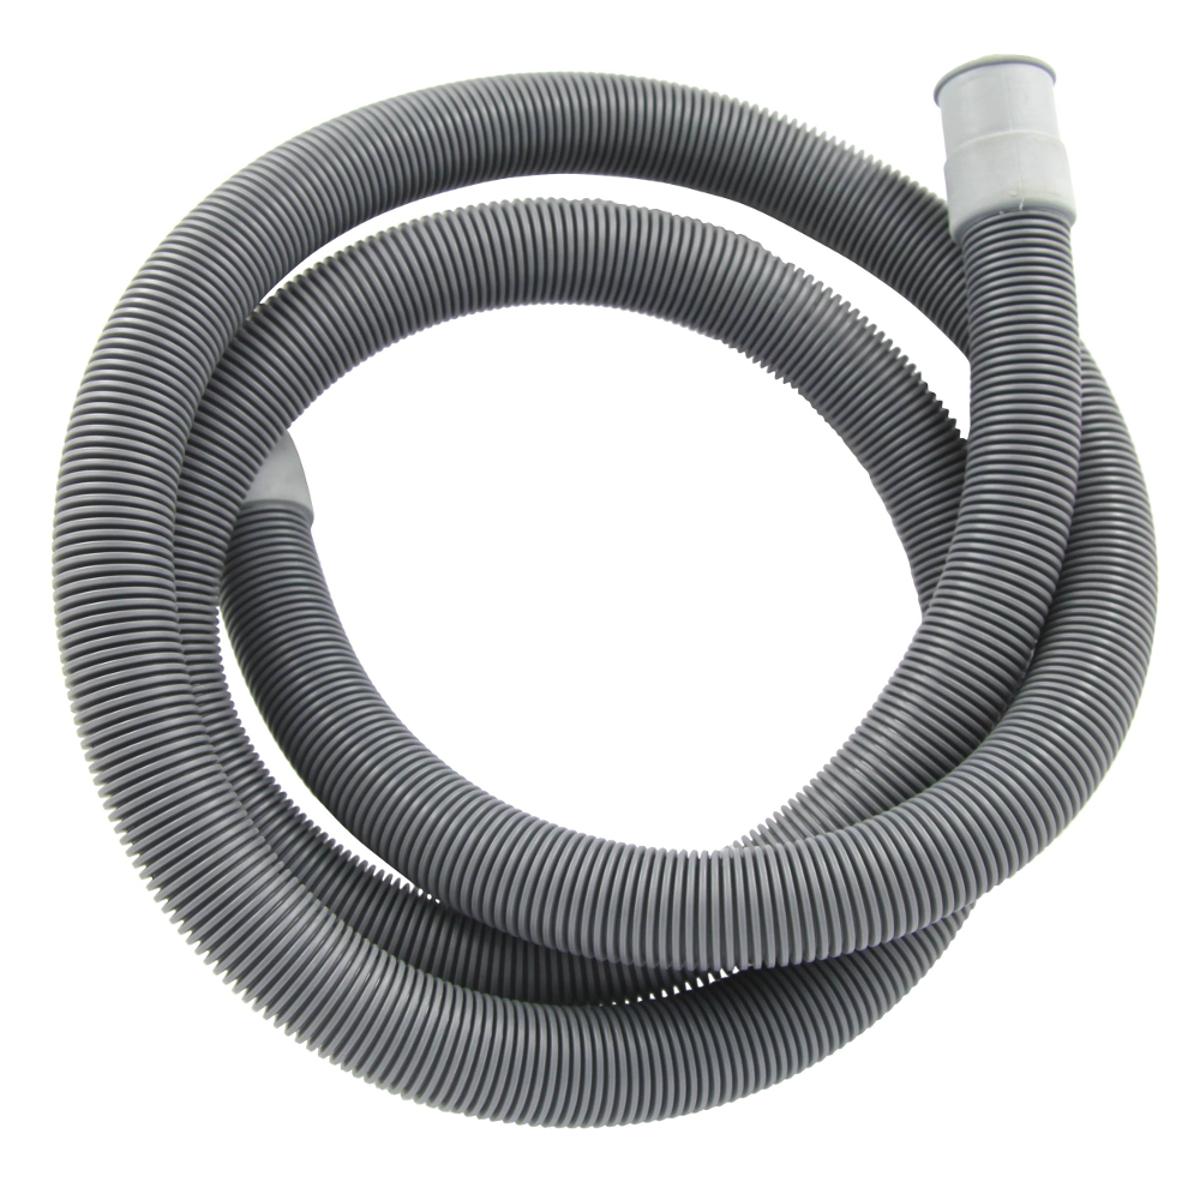 Шланг сливной для стиральной машины Зип- Флекс, длина 3,5 мИС.100353Шланг сливной предназначен для отведения использованной воды в систему канализации.Длина шланга: 3,5 метра.